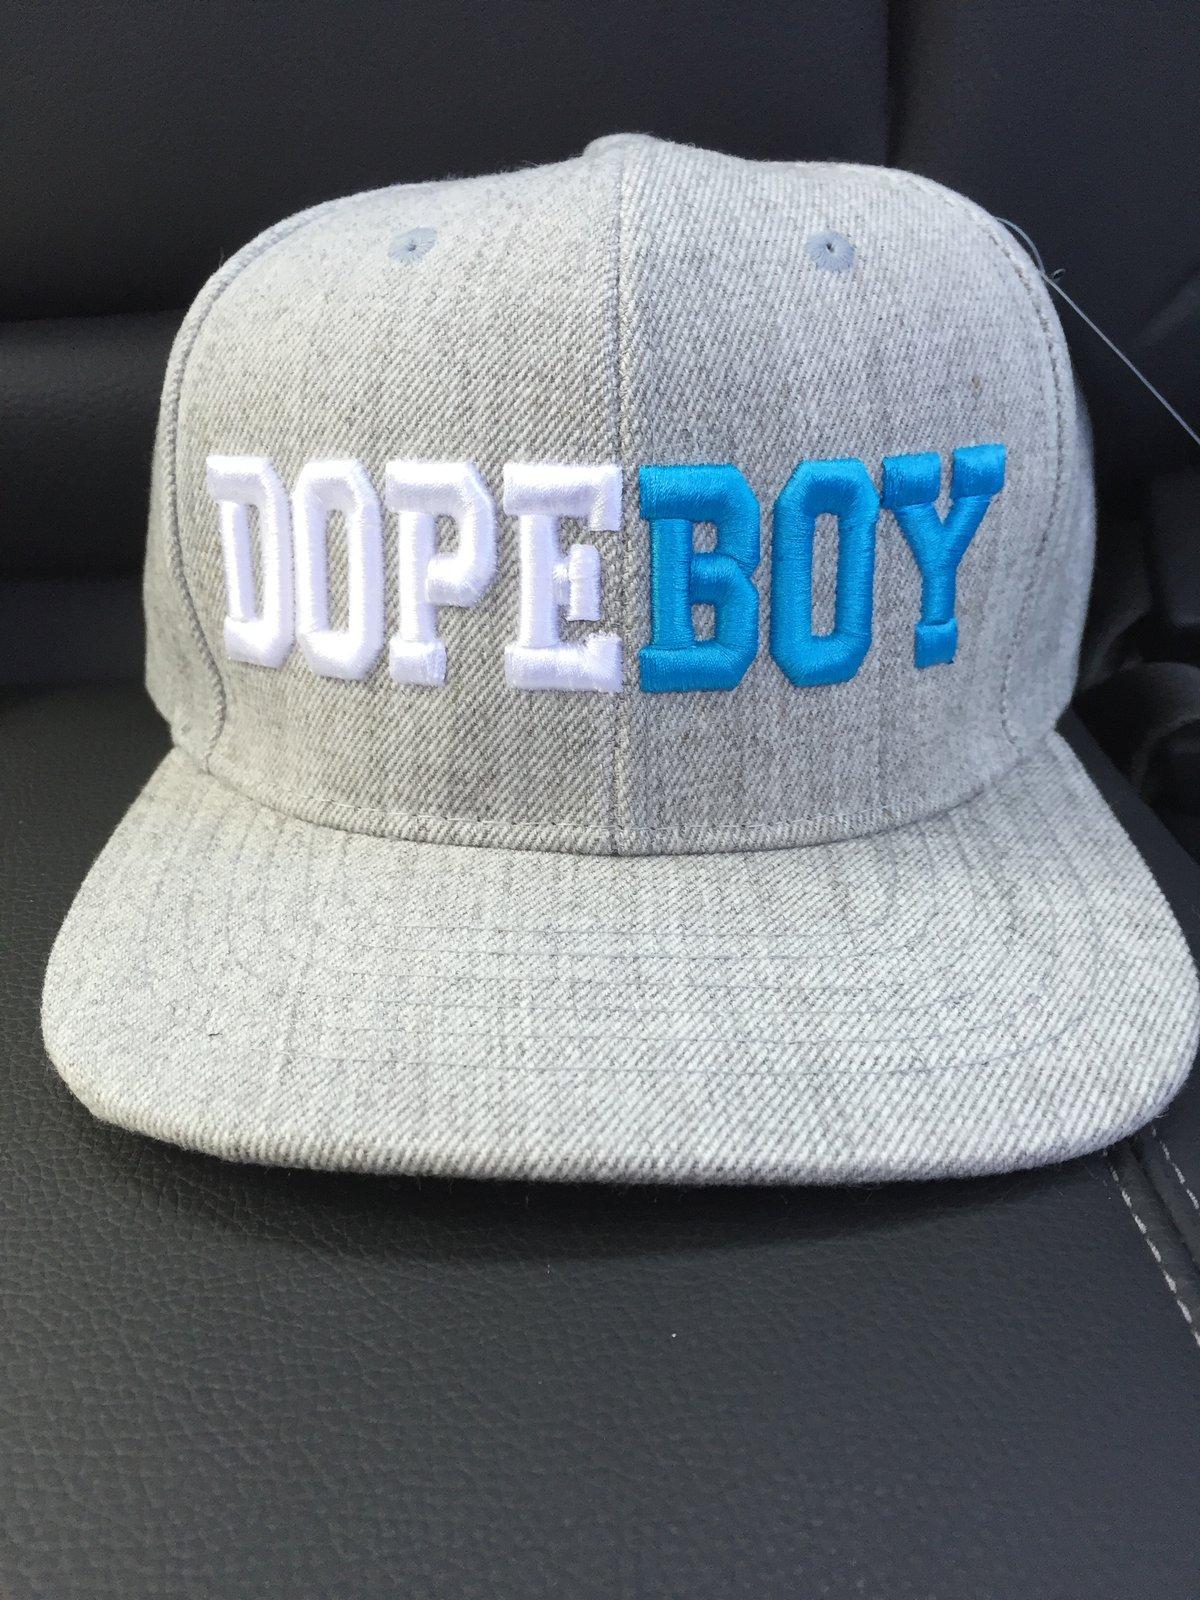 DopeBoy snapback